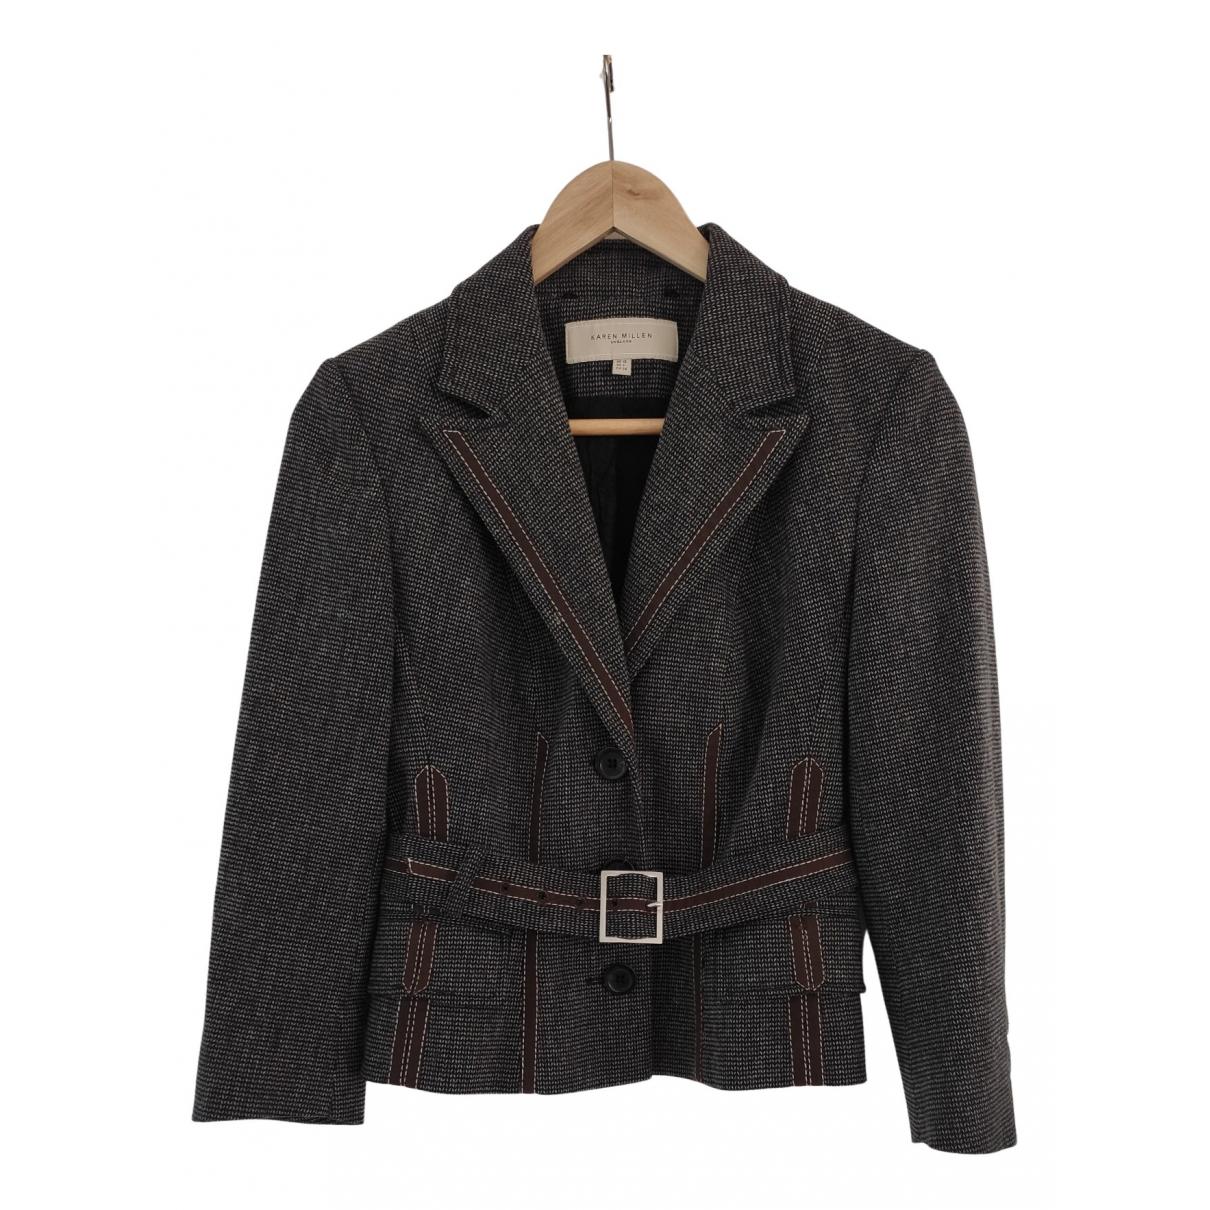 Karen Millen \N Jacke in  Schwarz Tweed